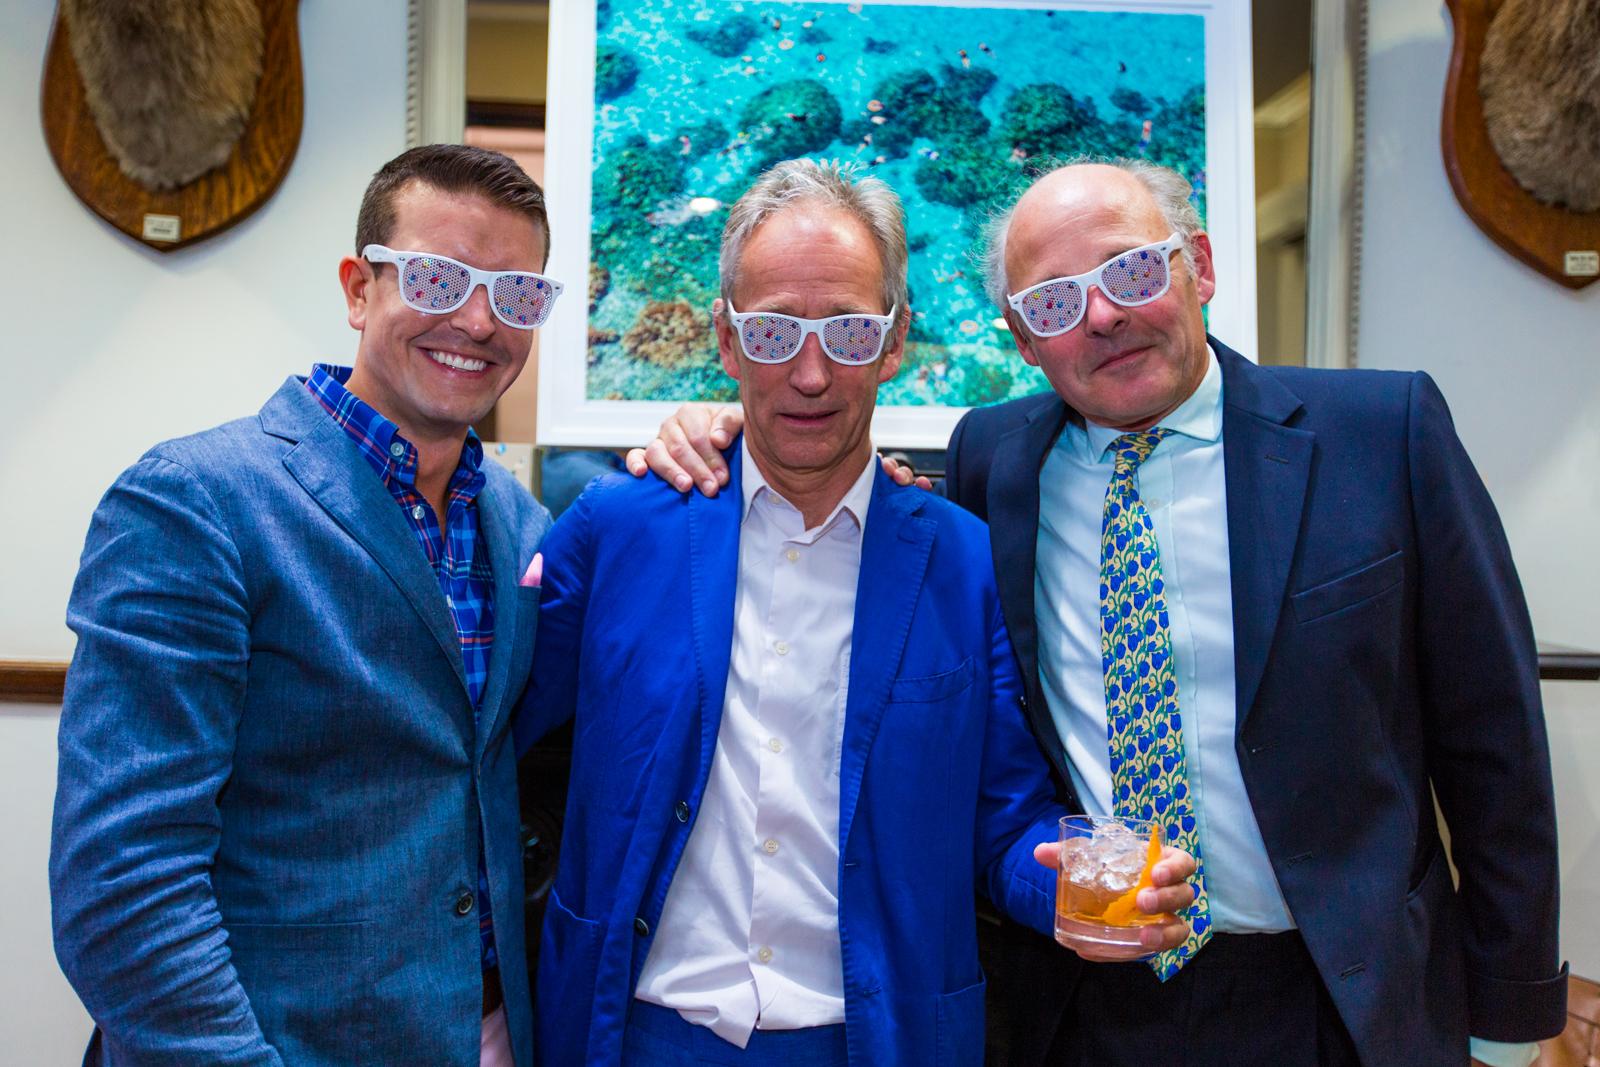 Gray with Tony Bromovksy and Ludovic Lindsay